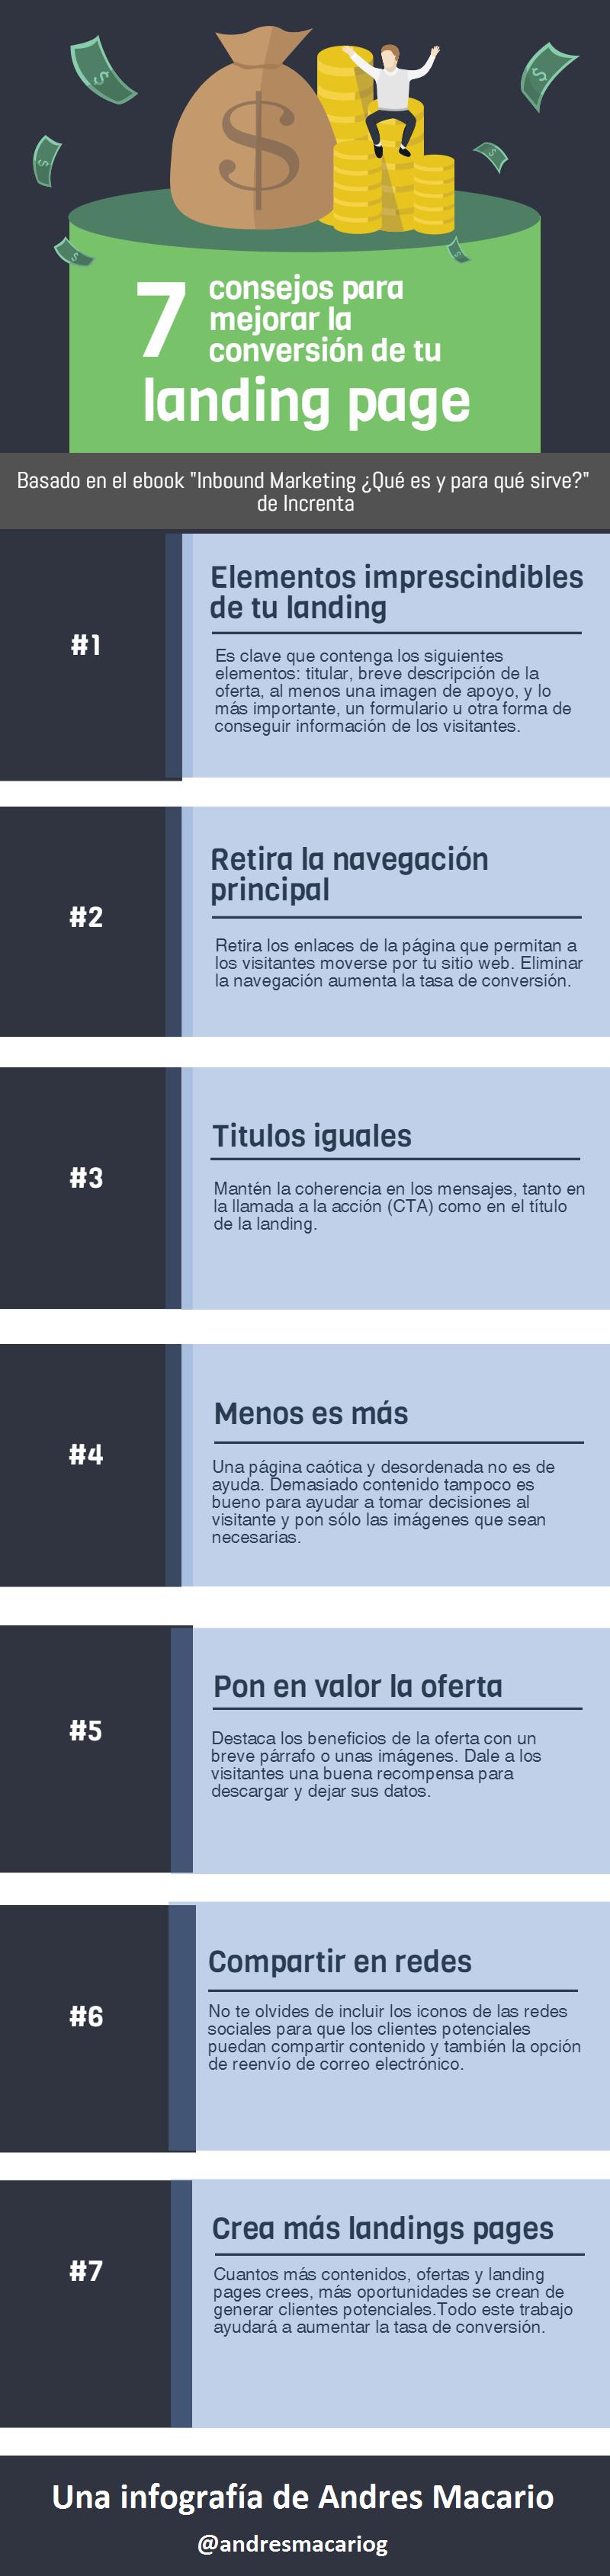 7 trucos para mejorar la landing page - infografia Andres Macario